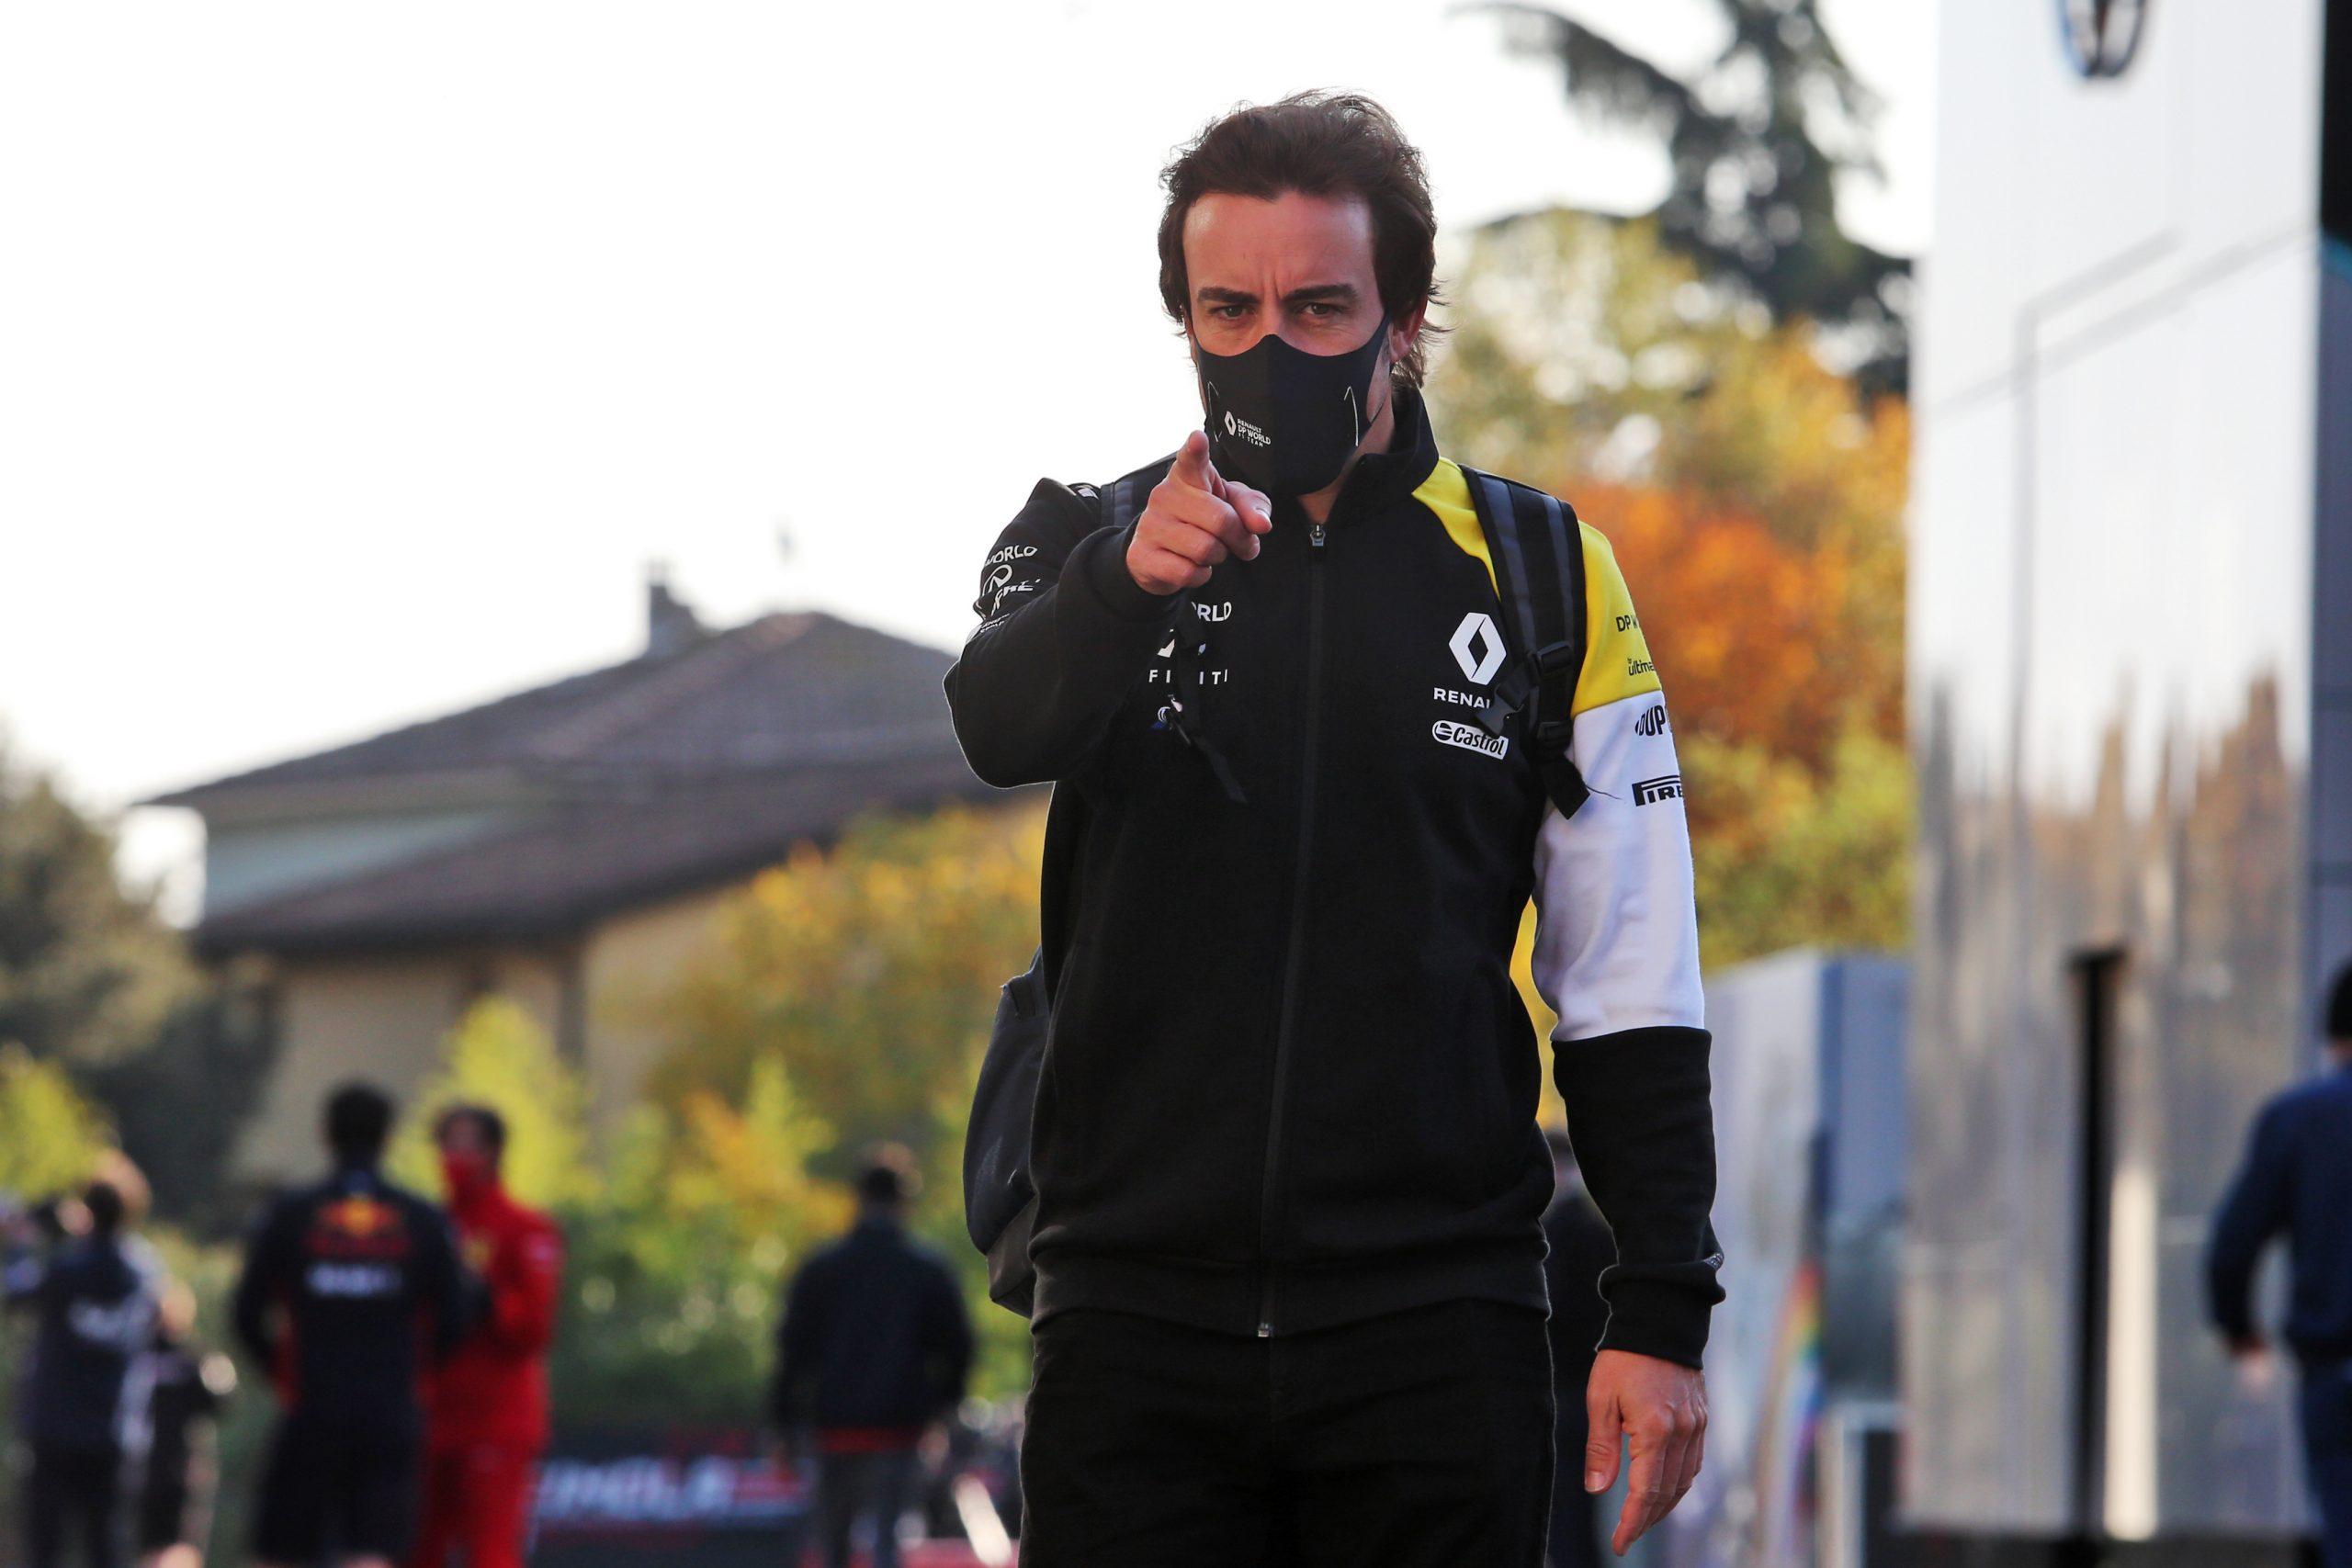 F1 - Quelques jours après son accident de vélo, Alonso poursuit son entrainement